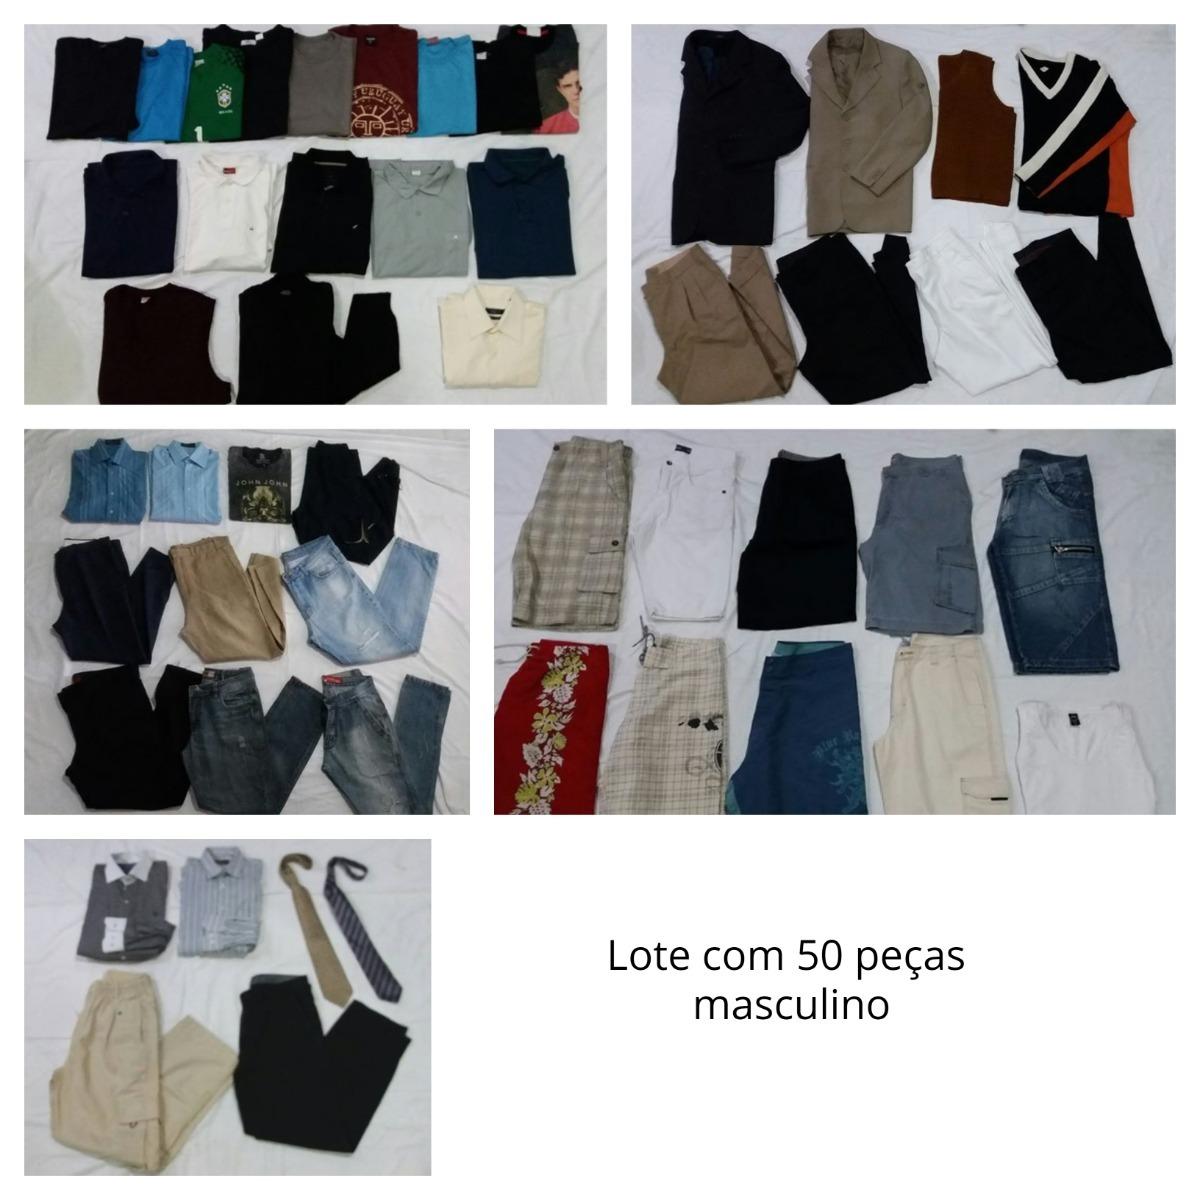 bff50fd259a lote 50 peças roupa masculina para brechó - calça camisa. Carregando zoom.